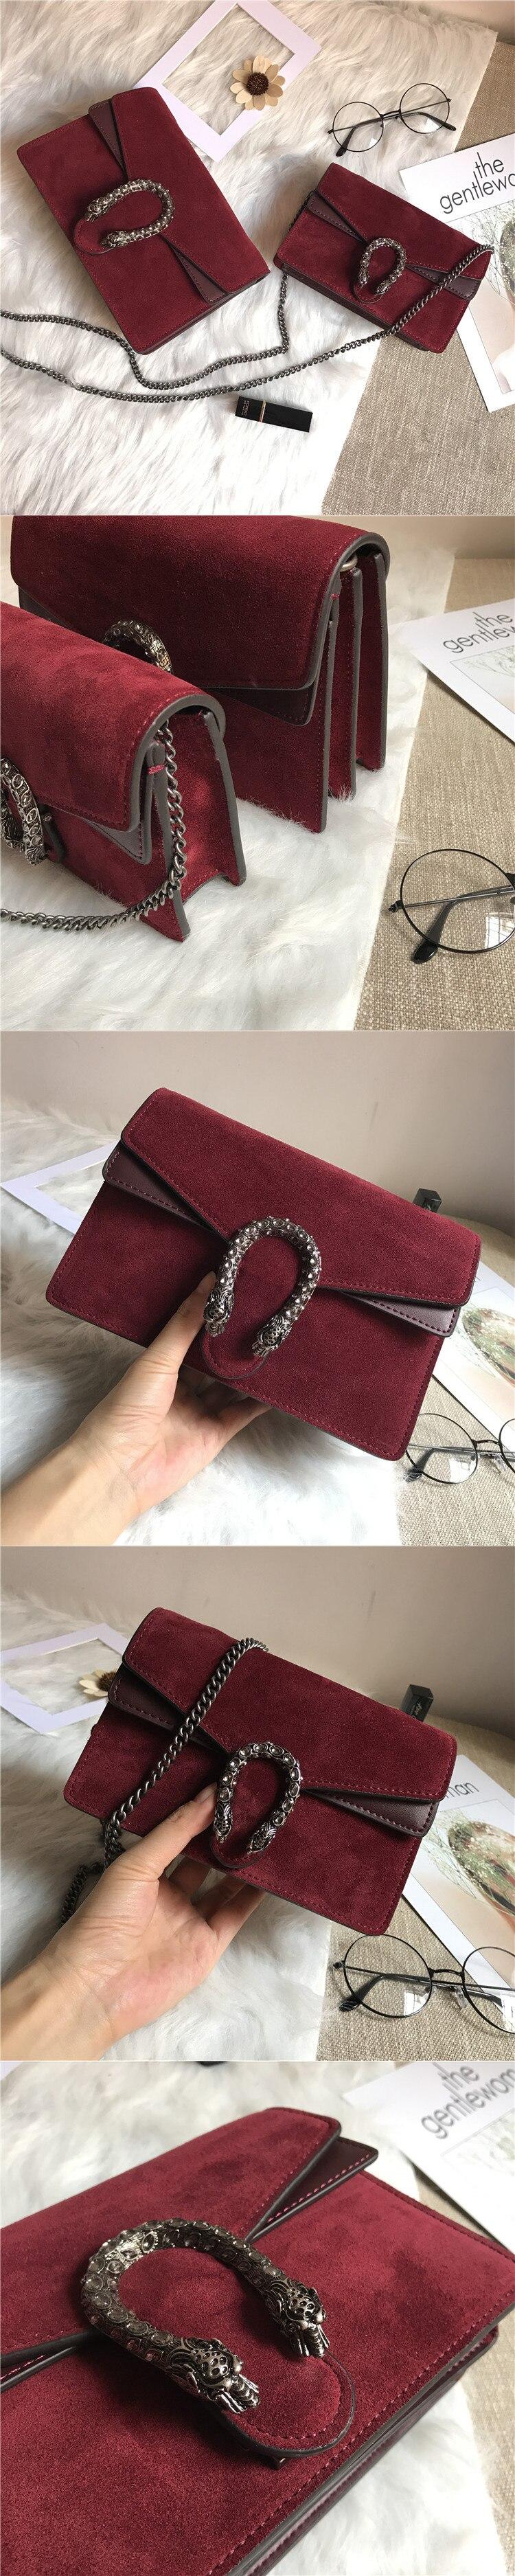 Fashion Chic Designer Handbag Women Dionysus Suede and Leather Shoulder Bag (3)